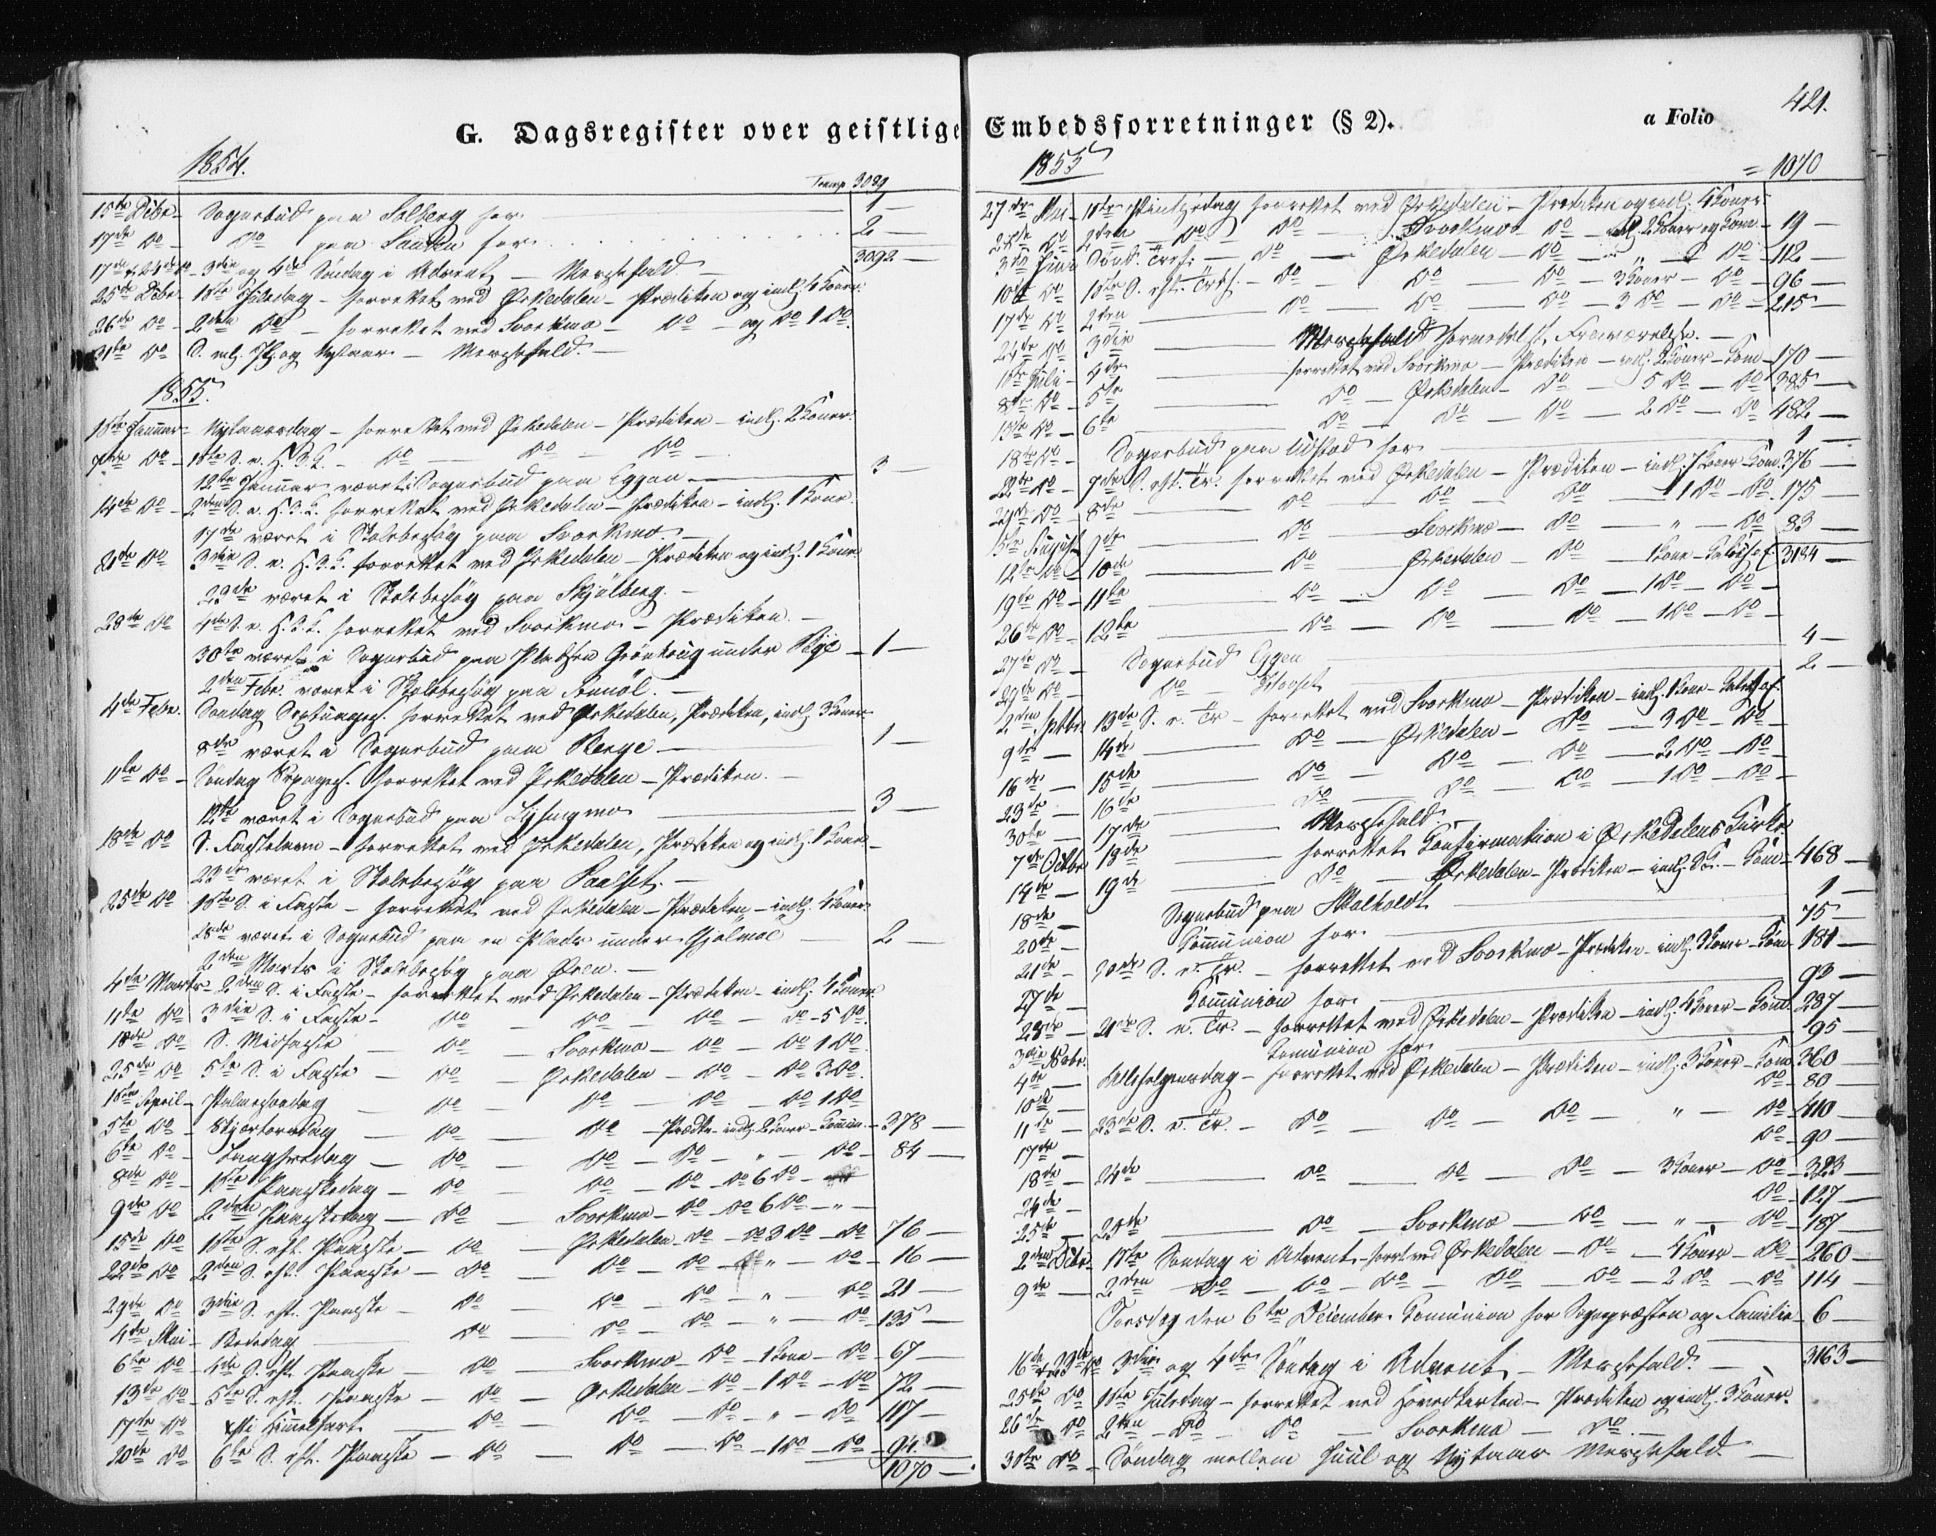 SAT, Ministerialprotokoller, klokkerbøker og fødselsregistre - Sør-Trøndelag, 668/L0806: Ministerialbok nr. 668A06, 1854-1869, s. 421